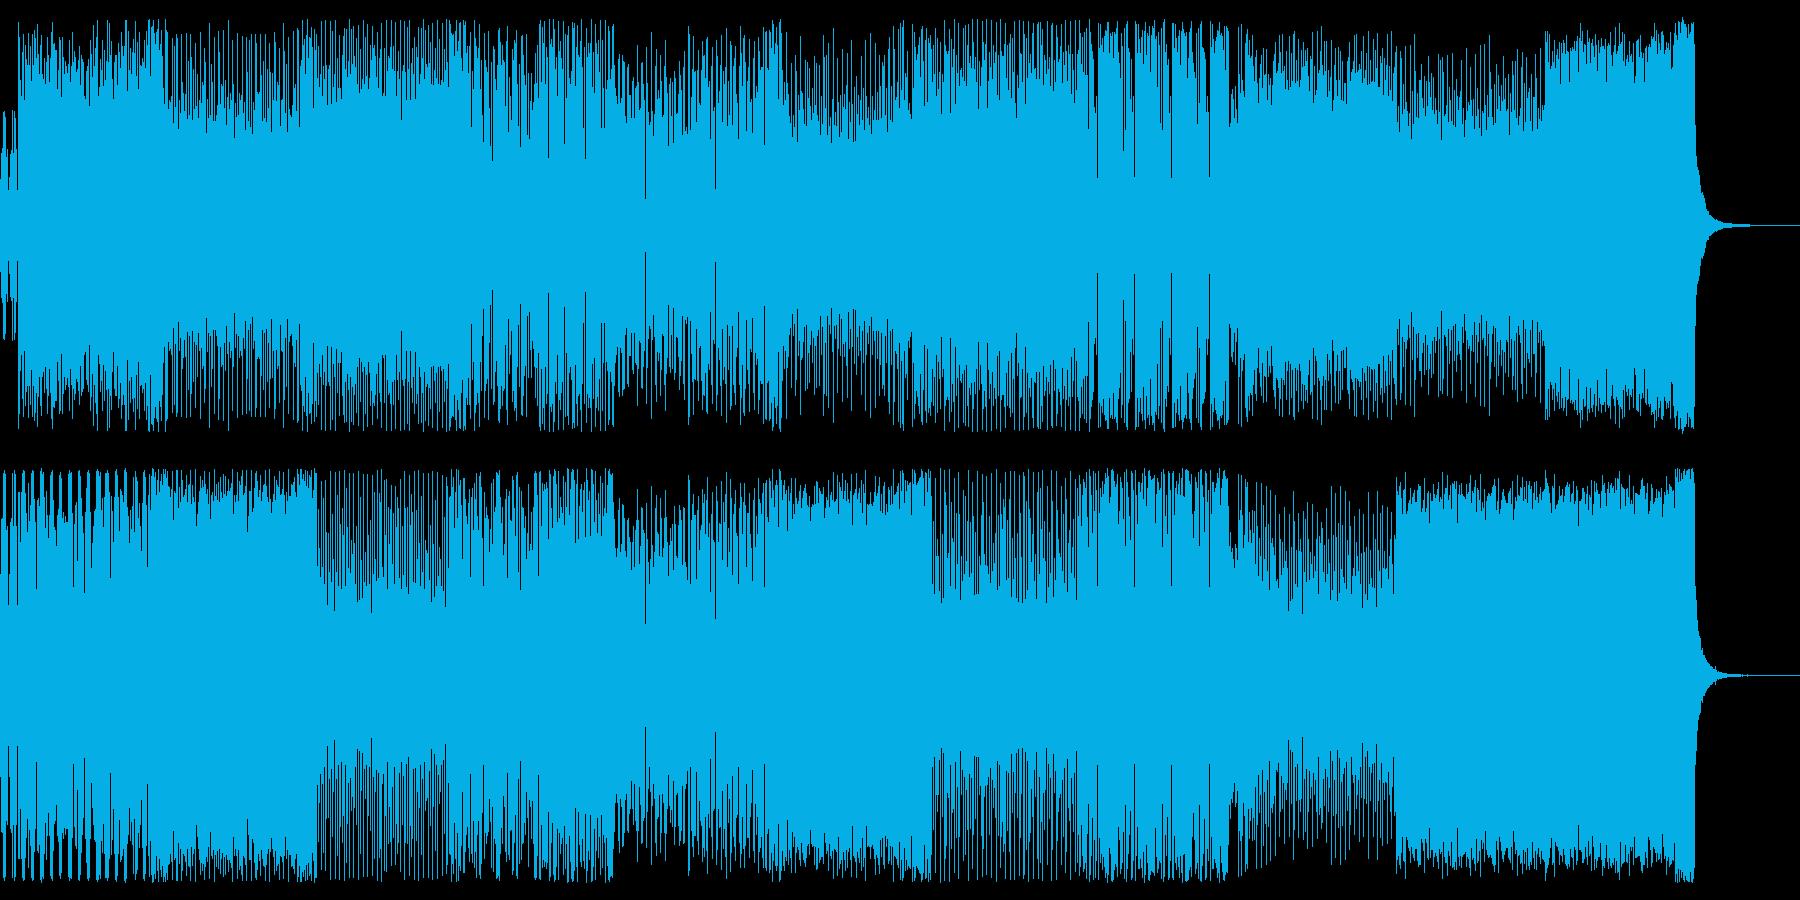 90年代のディスコサウンドっぽい曲の再生済みの波形